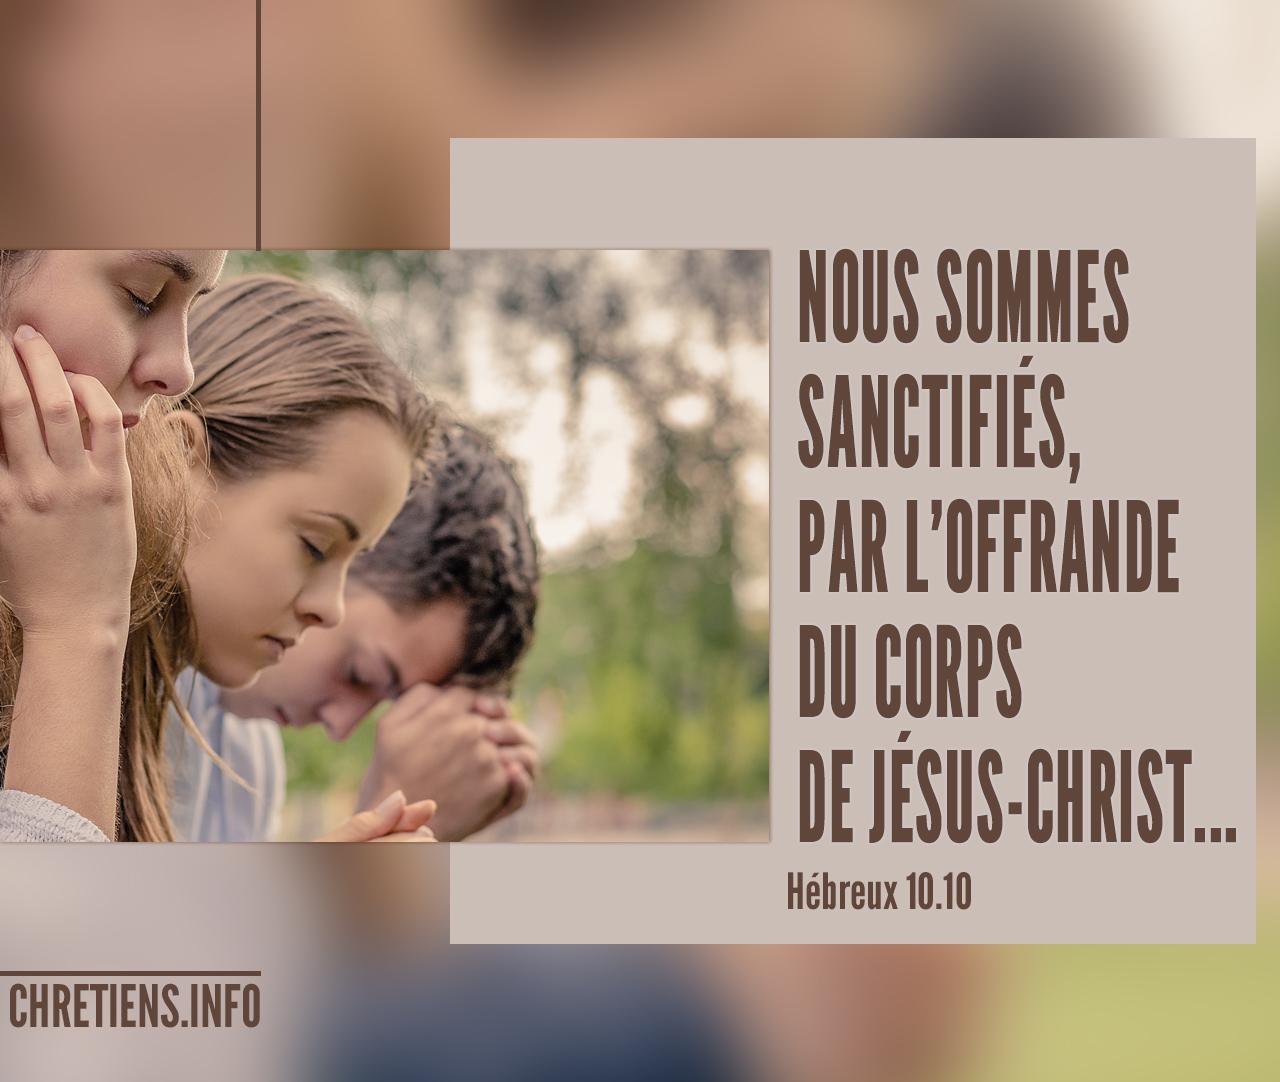 cest-en-vertu-de-cette-volonte-que-nous-sommes-sanctifies-par-loffrande-du-corps-de-jesus-christ-une-fois-pour-toutes-hebreux-1010